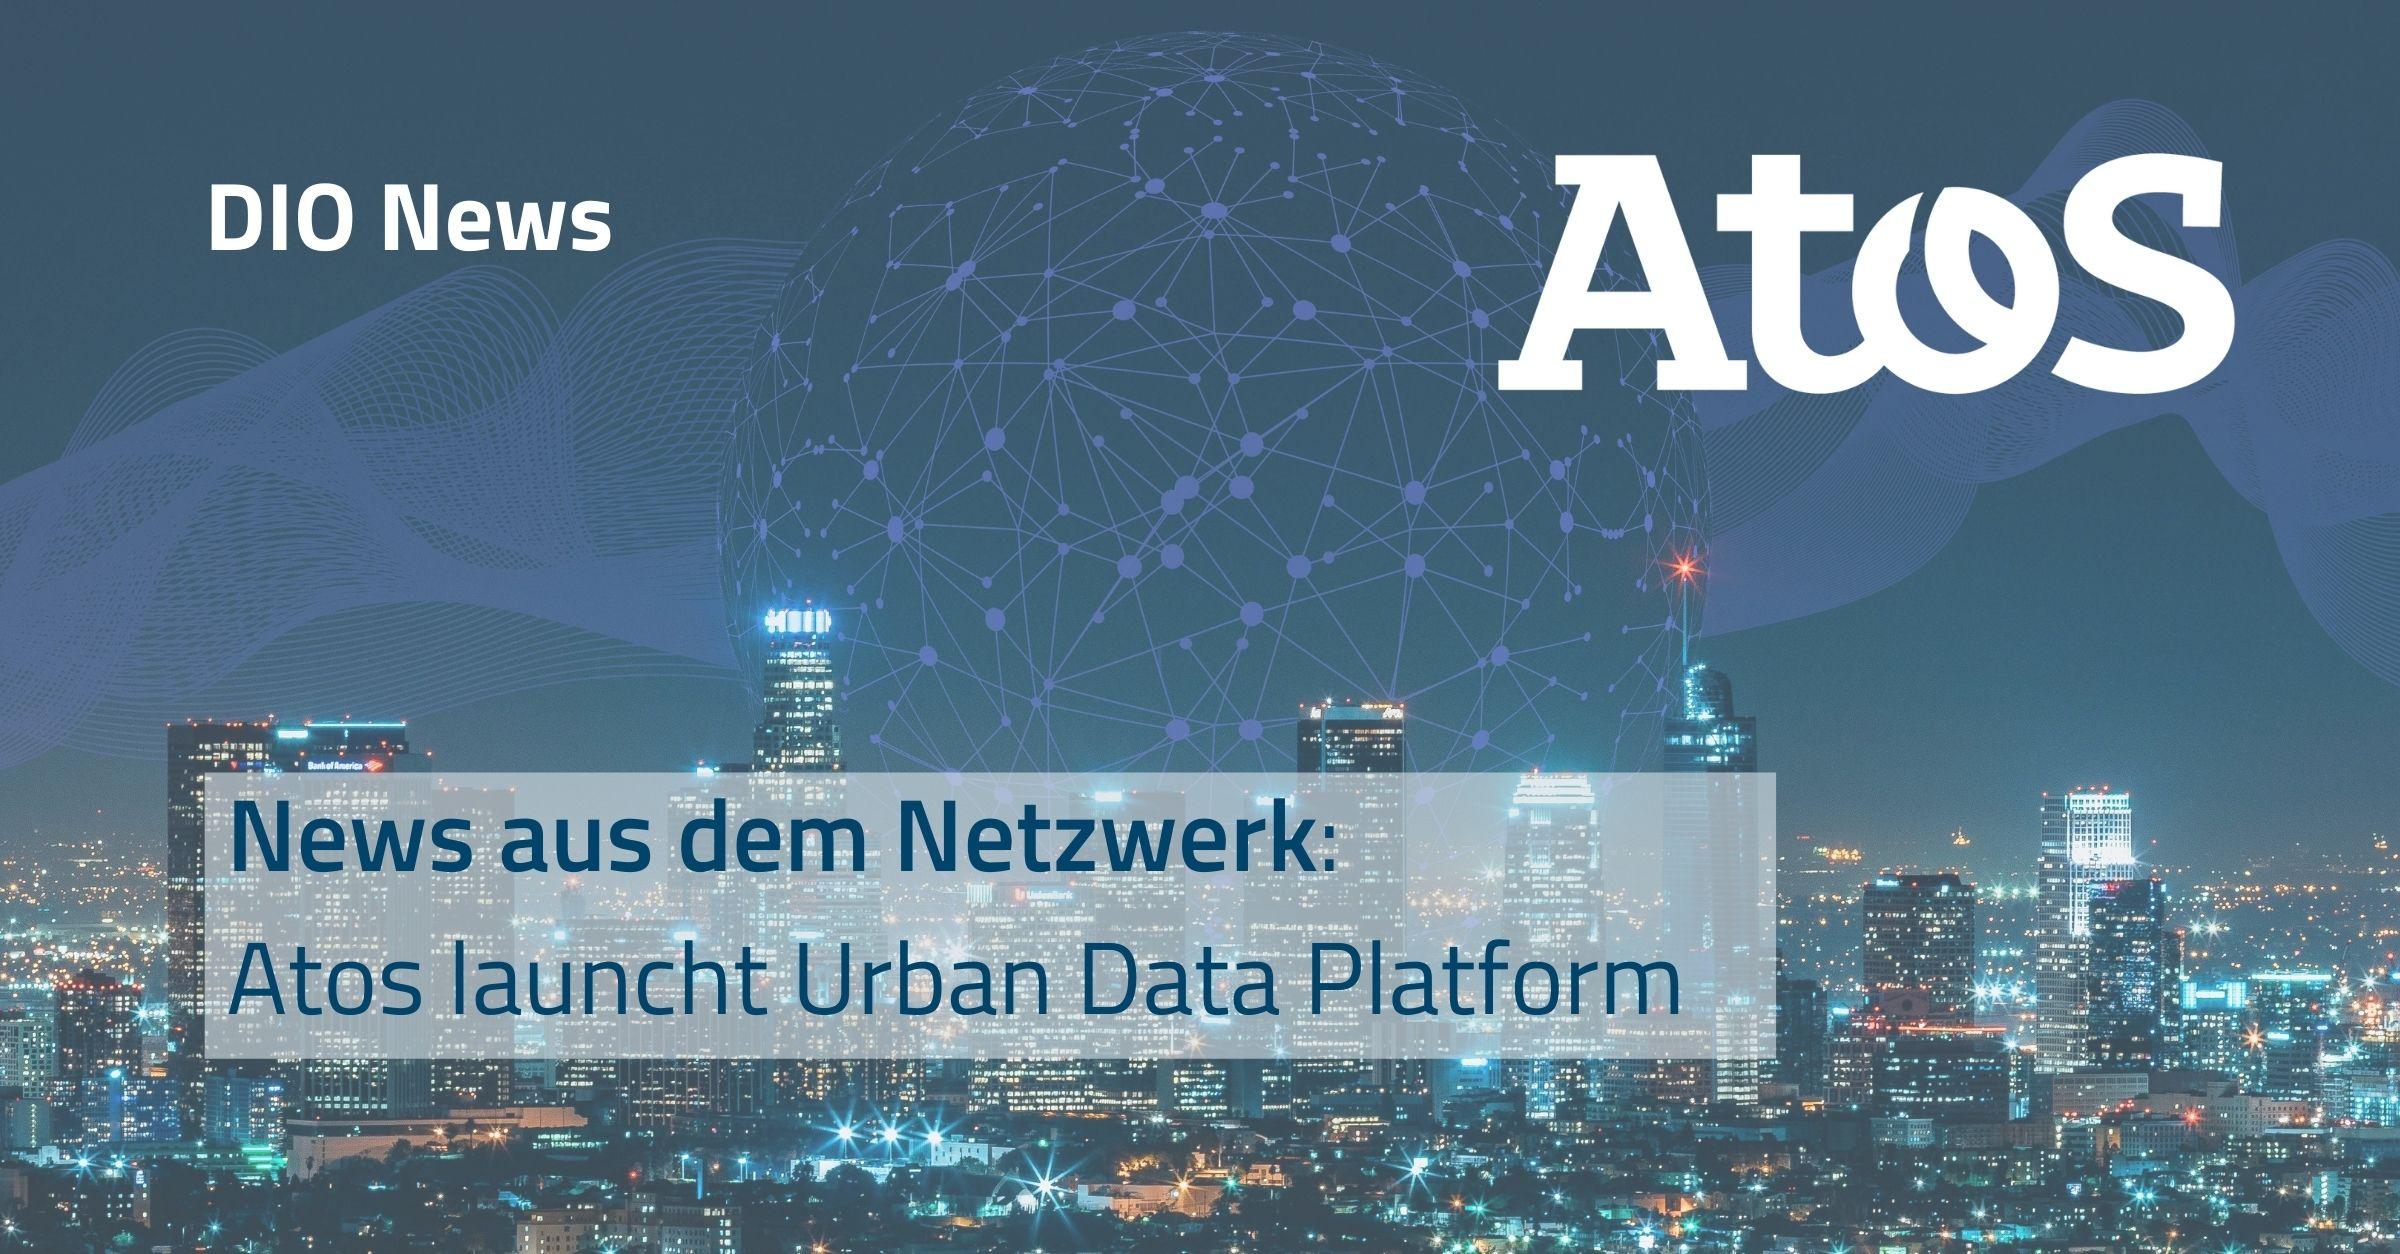 News aus dem Netzwerk: Atos launcht Urban Data Platform